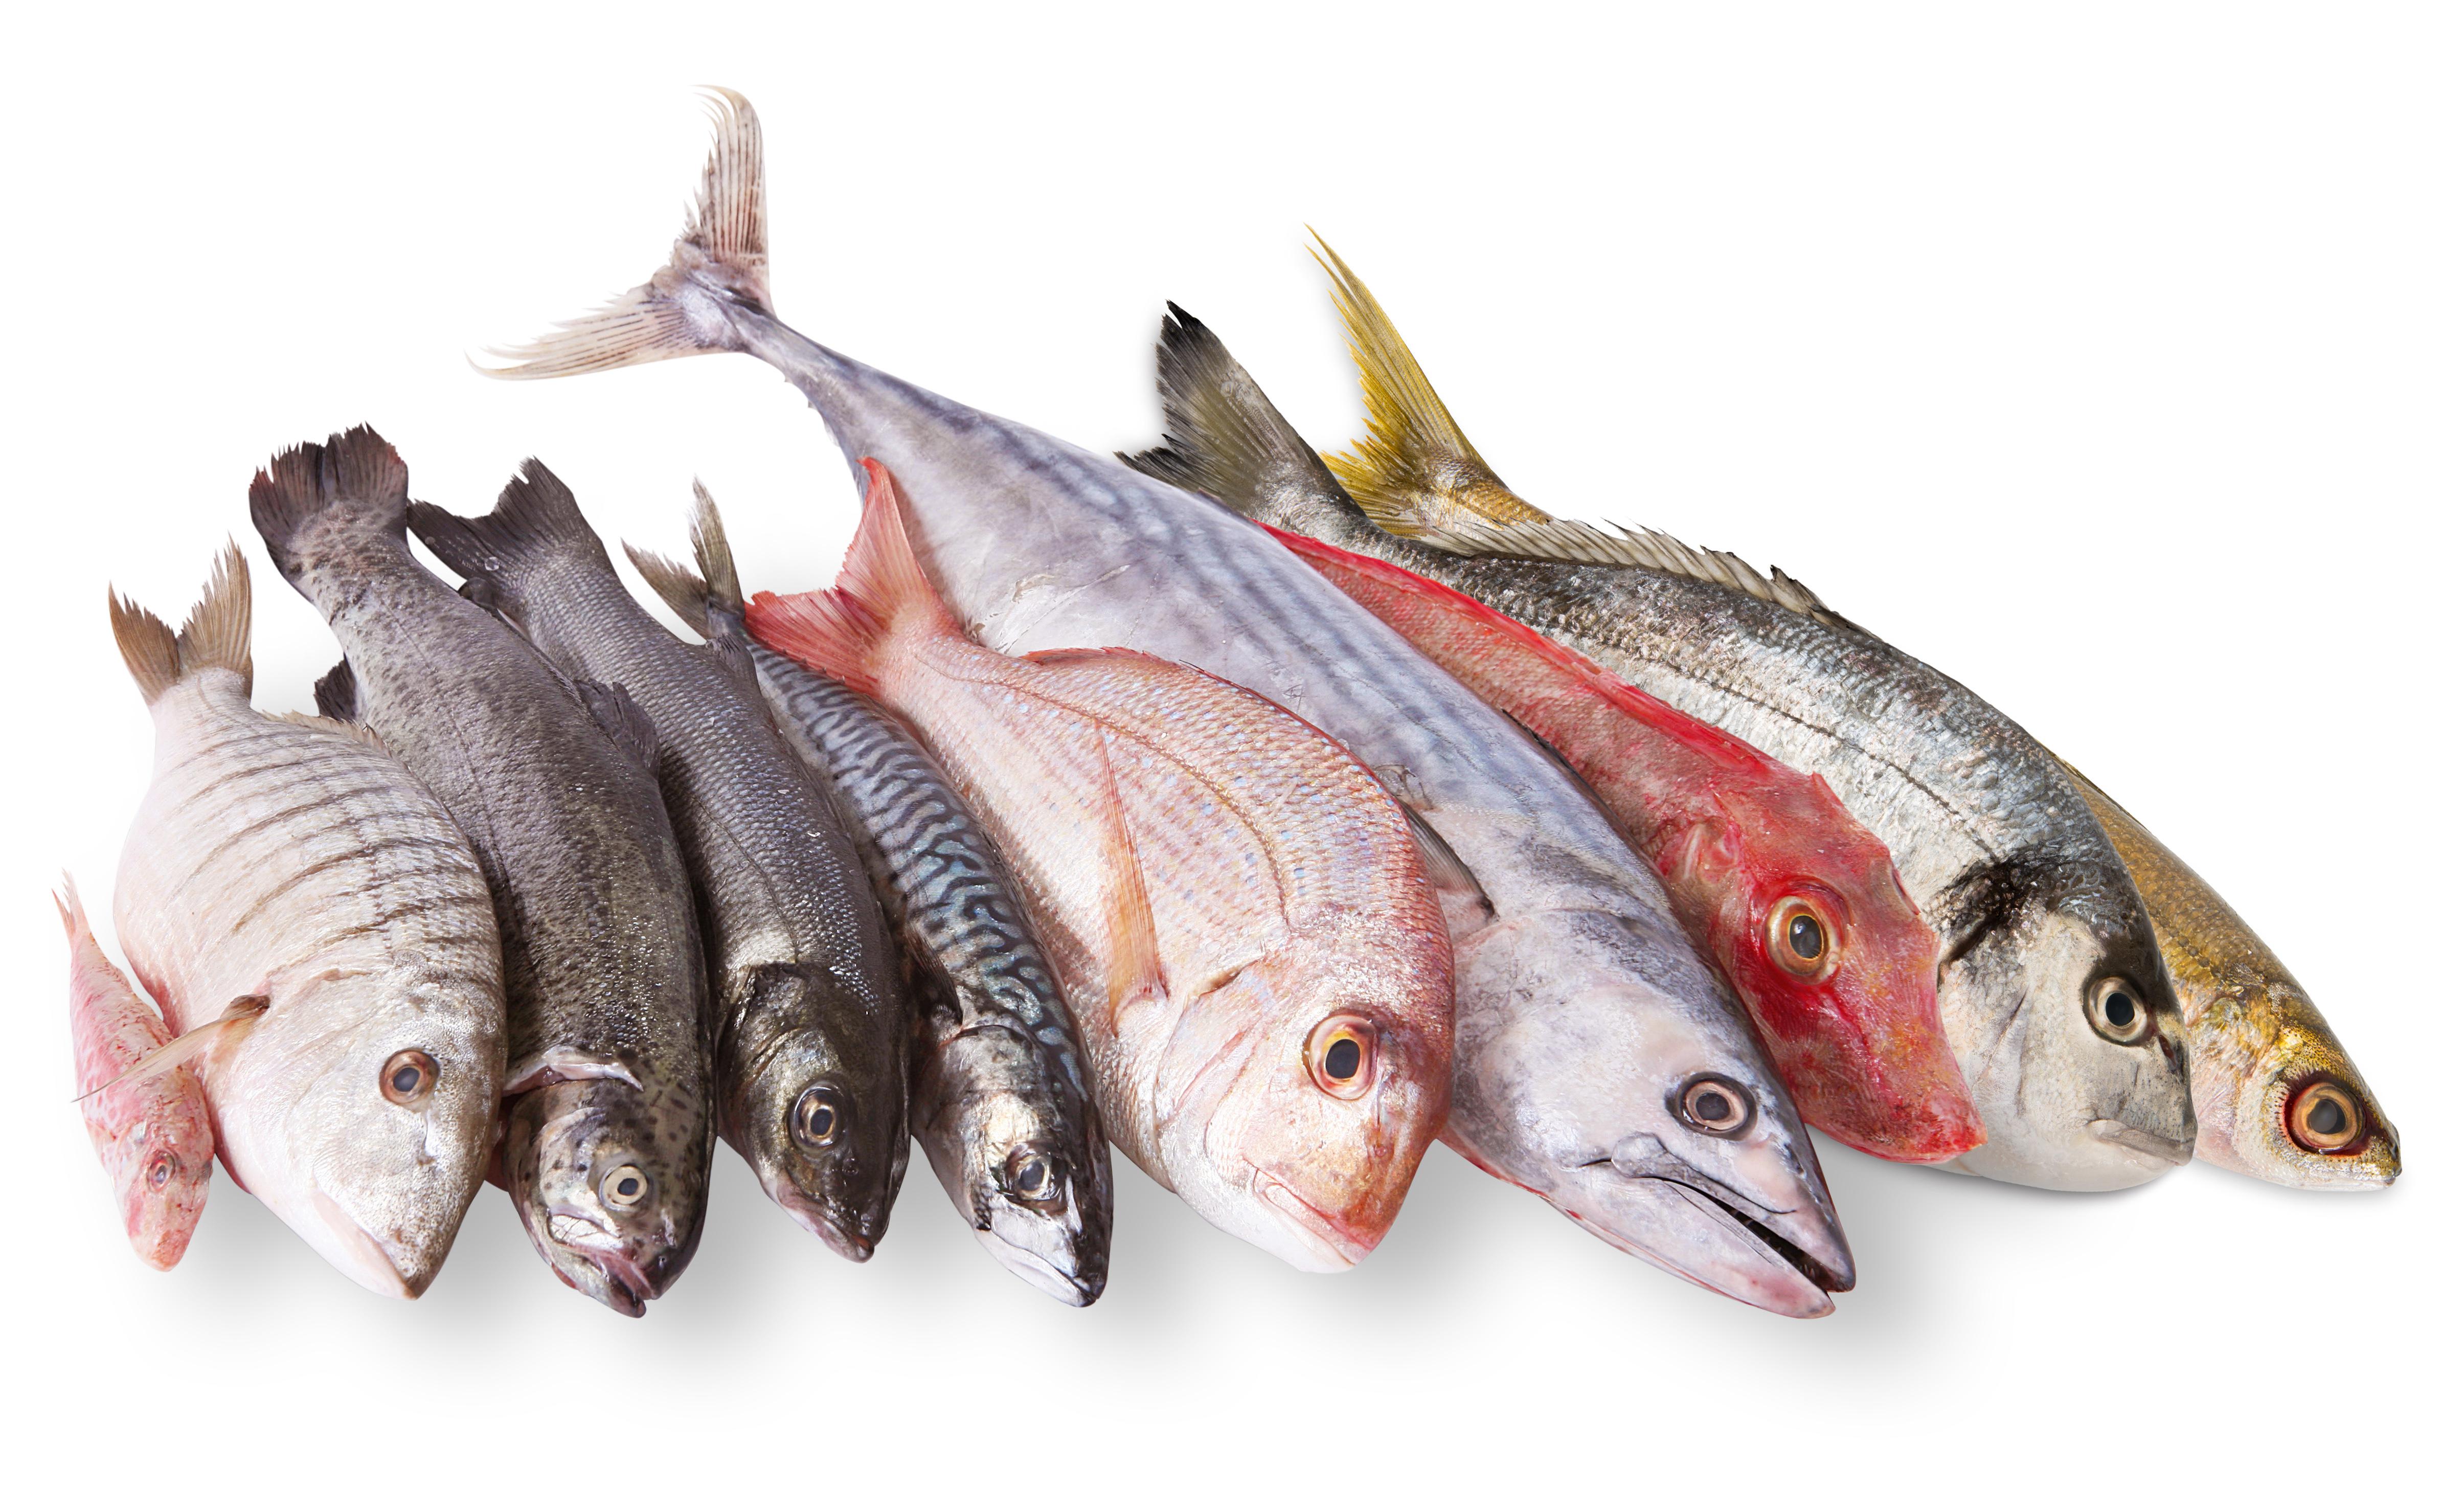 Esclerodiario empp - emsp: Comer pescado puede reducir el riesgo de ...